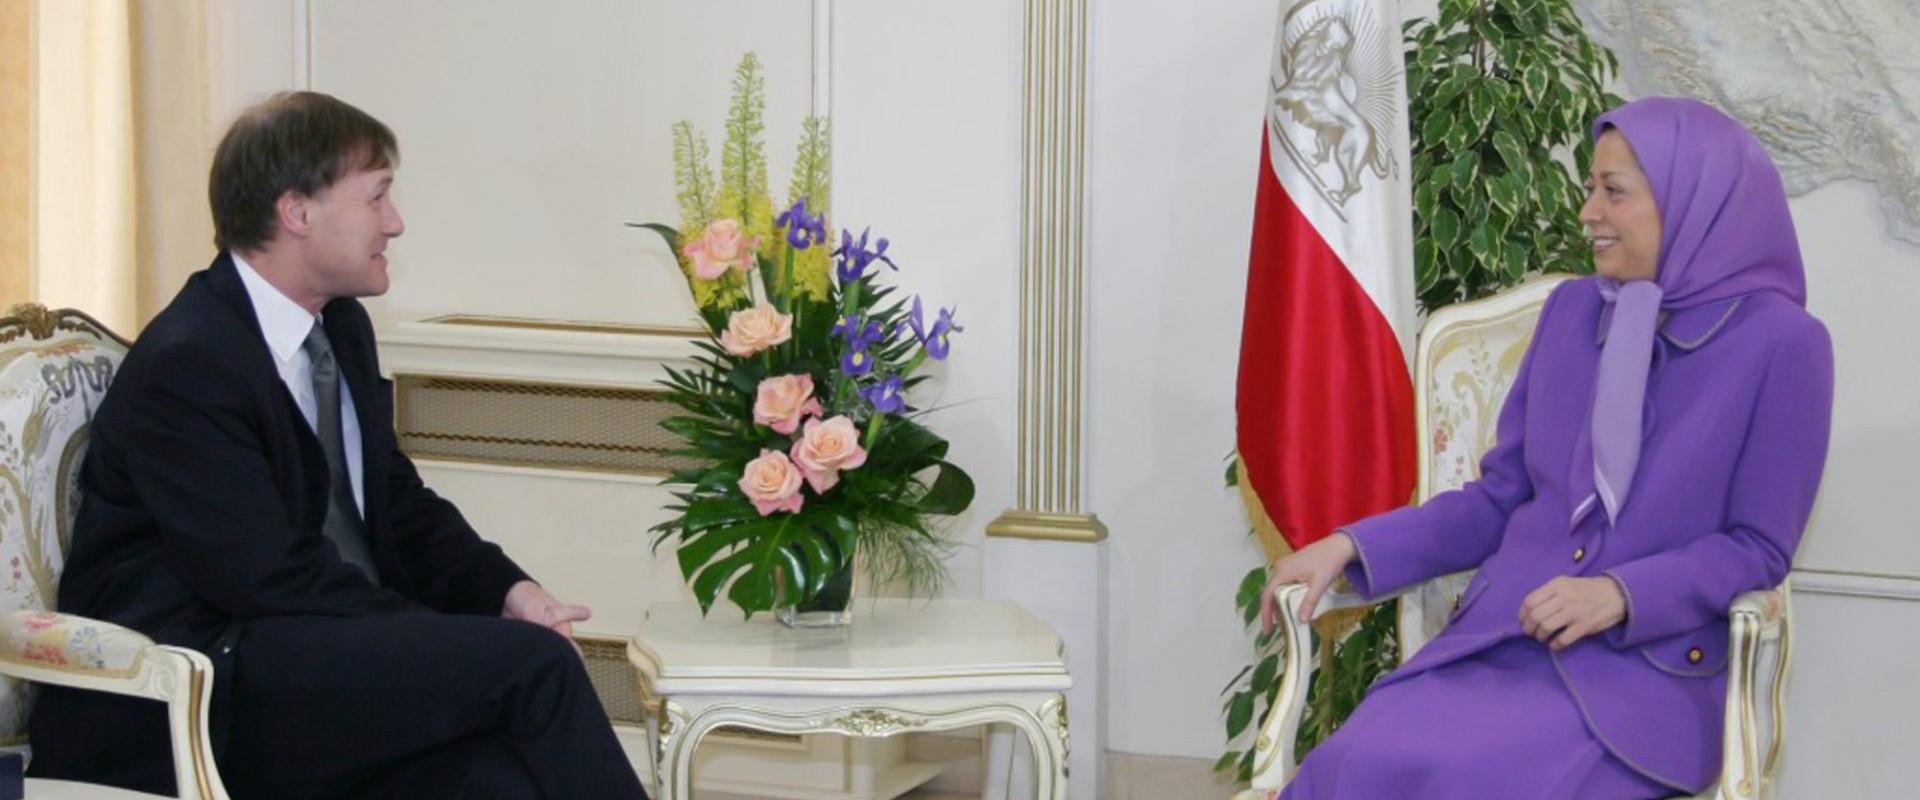 دیوید ایمس مدافع خستگی ناپذیر آزادی و دمکراسی